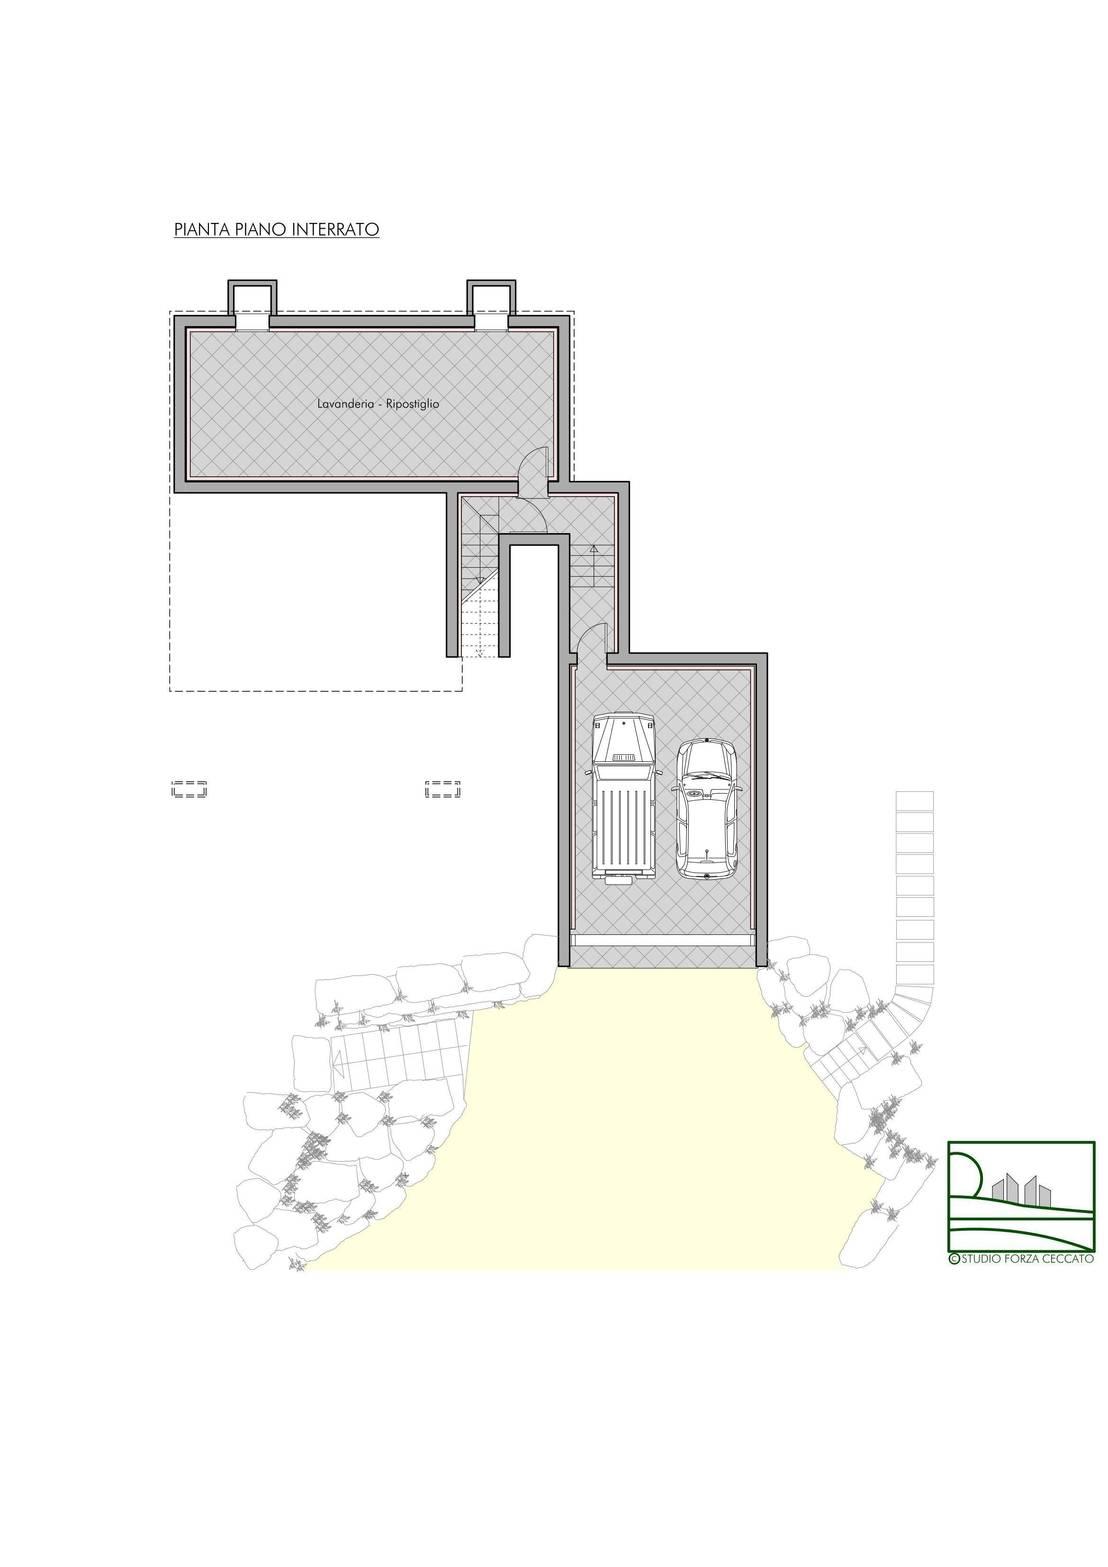 Casa zg ridisegnare la memoria de studio forza ceccato for Casa piano cotizacion